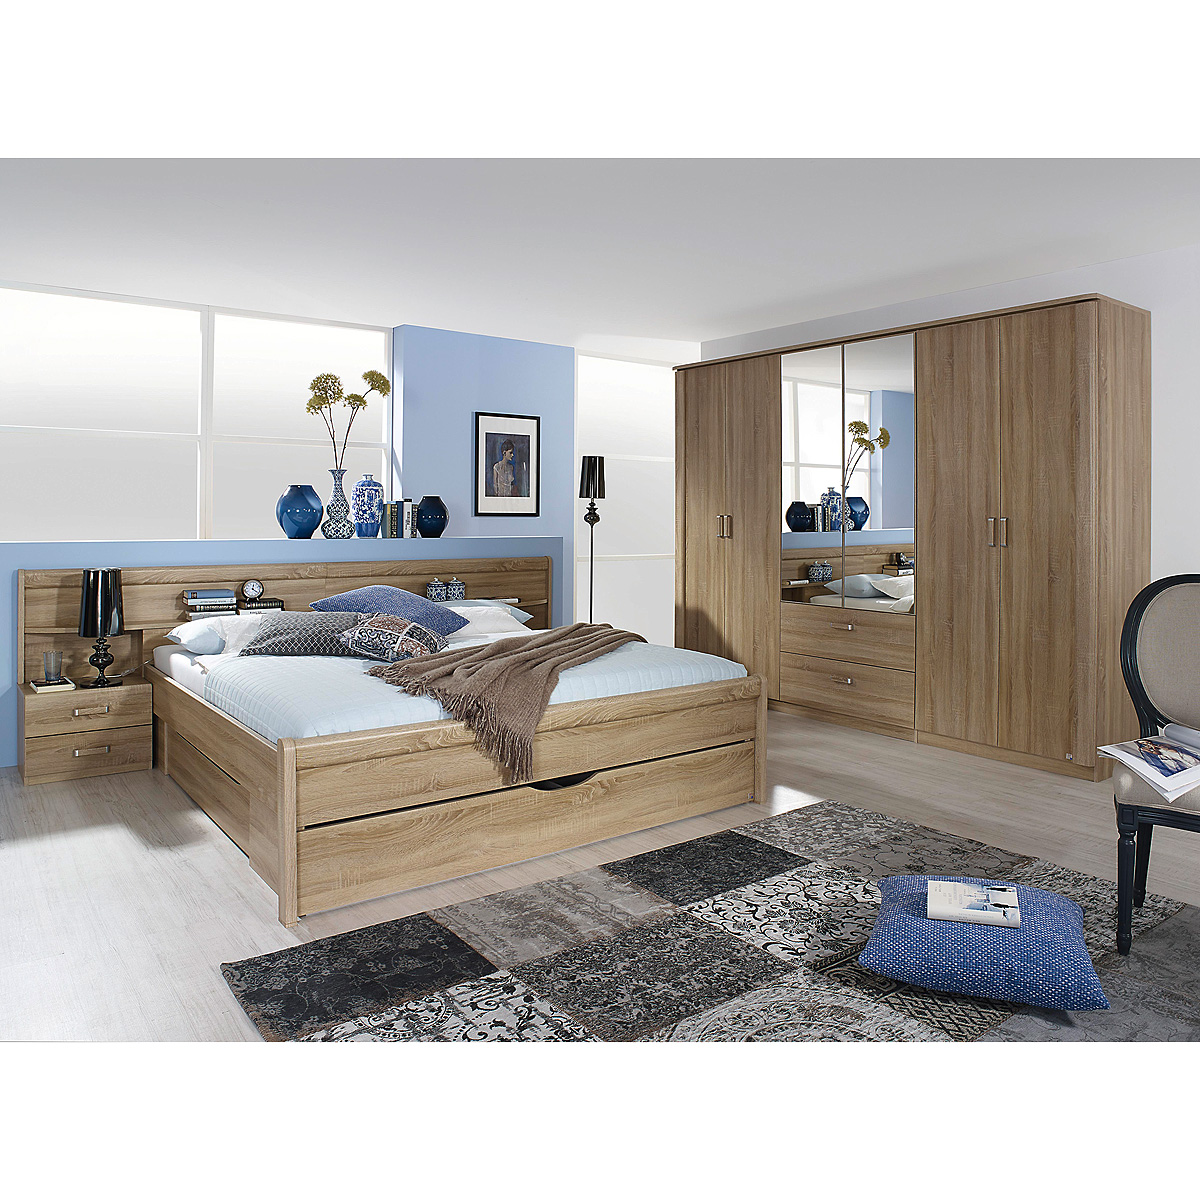 Schlafzimmer Set Cham Schrank Kleiderschrank Bett Nako in Sonoma ...